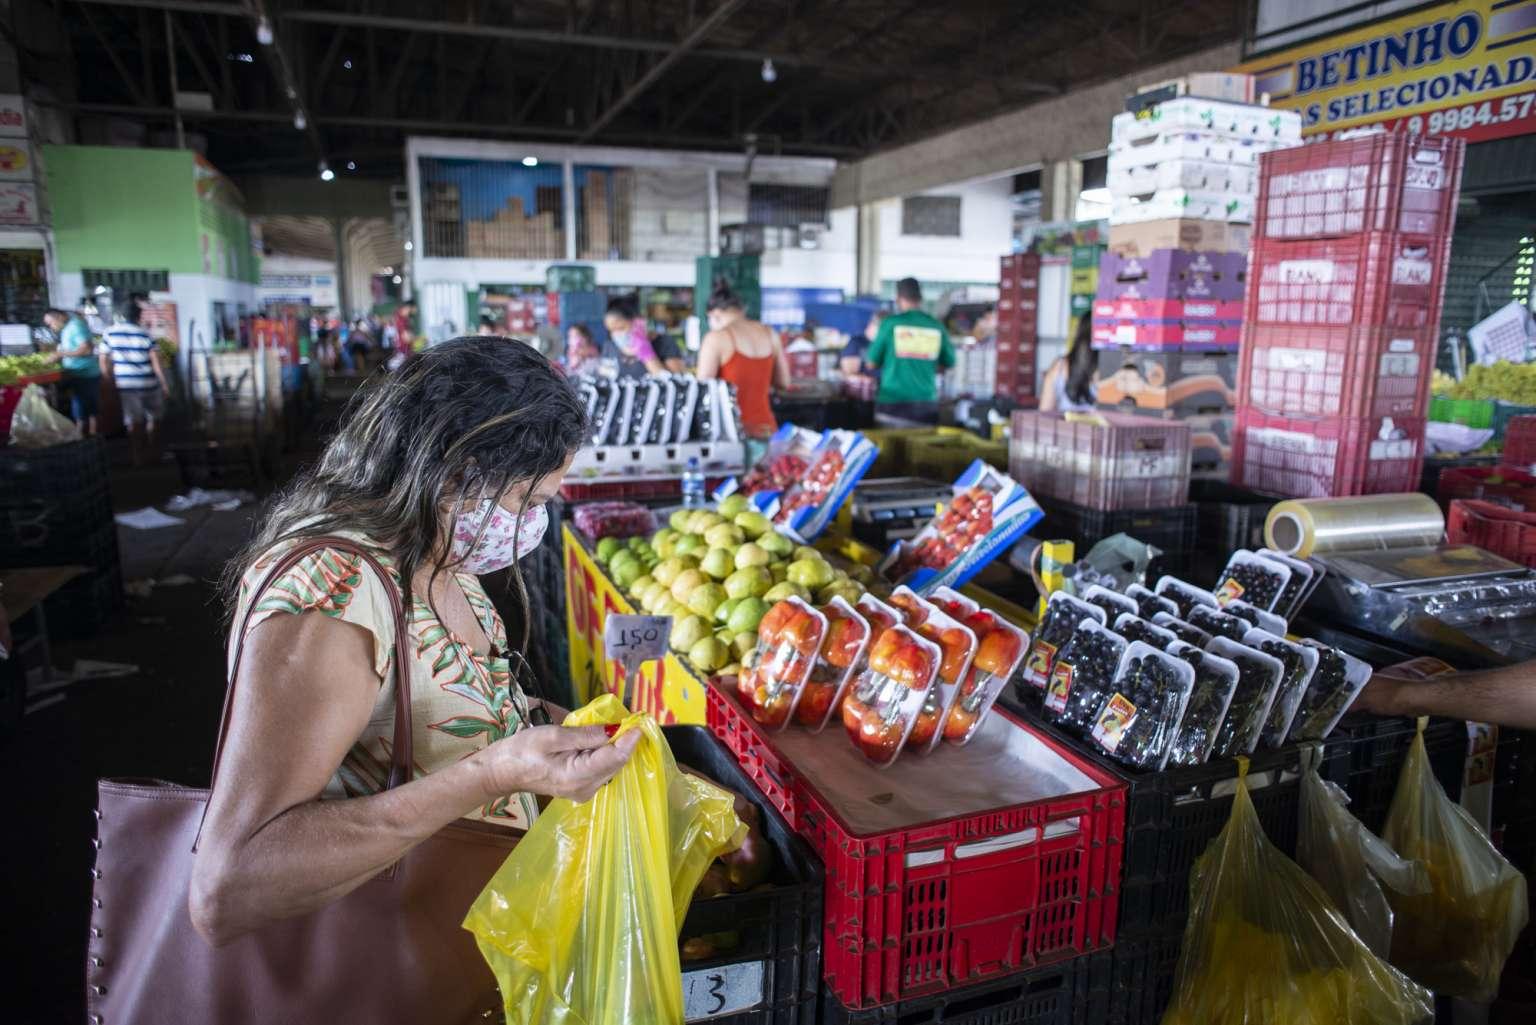 Mercado agrícola inicia a semana bem abastecido nos setores de frutas e hortaliças